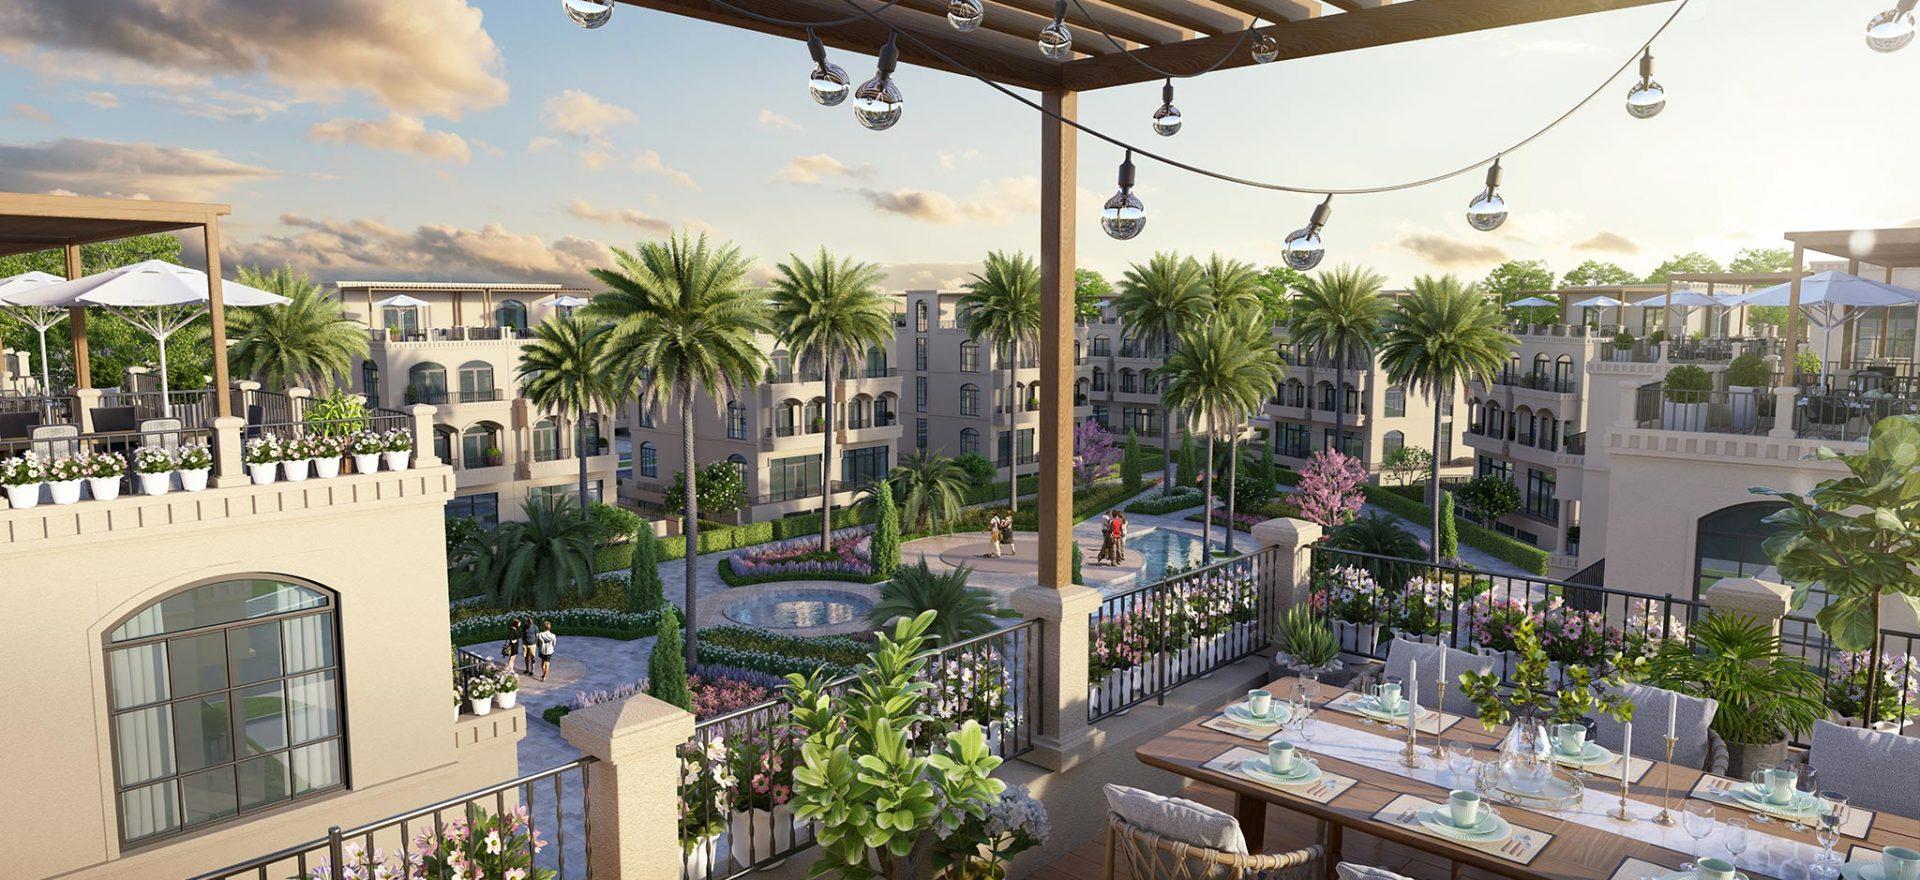 Palm 3 - Khu khuôn viên xanh mát